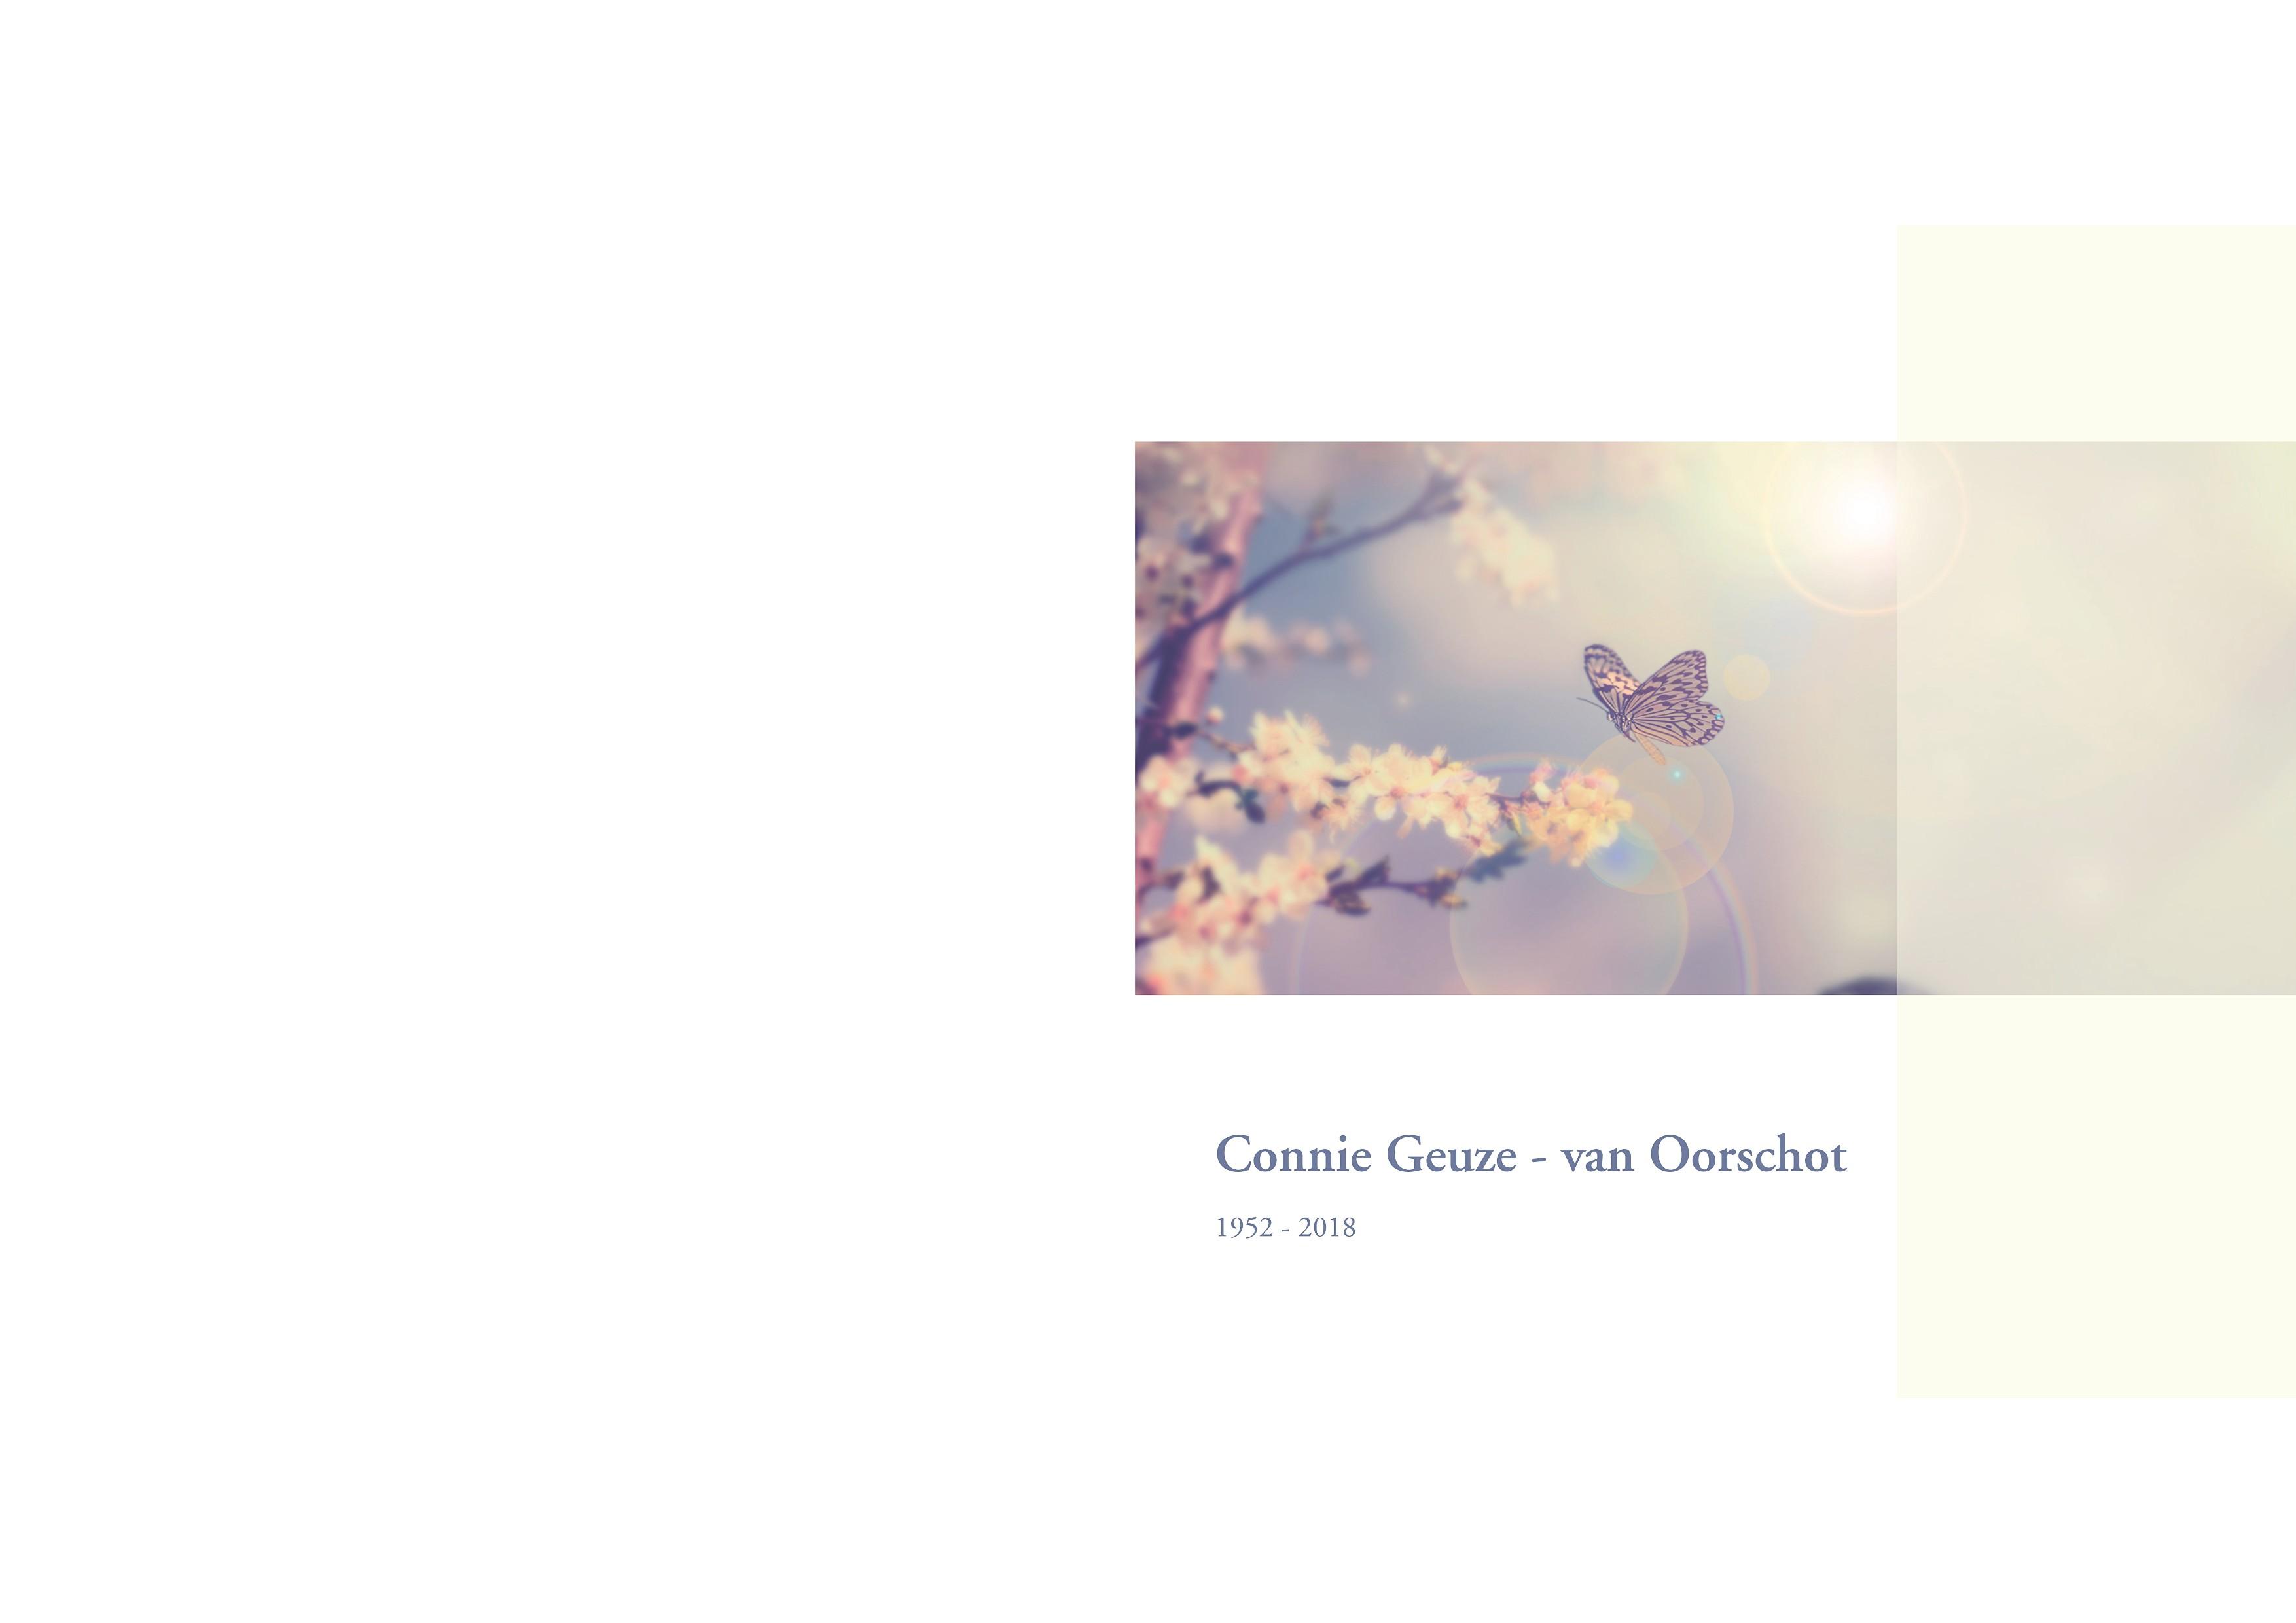 Connie Geuze - van Oorschot Death notice